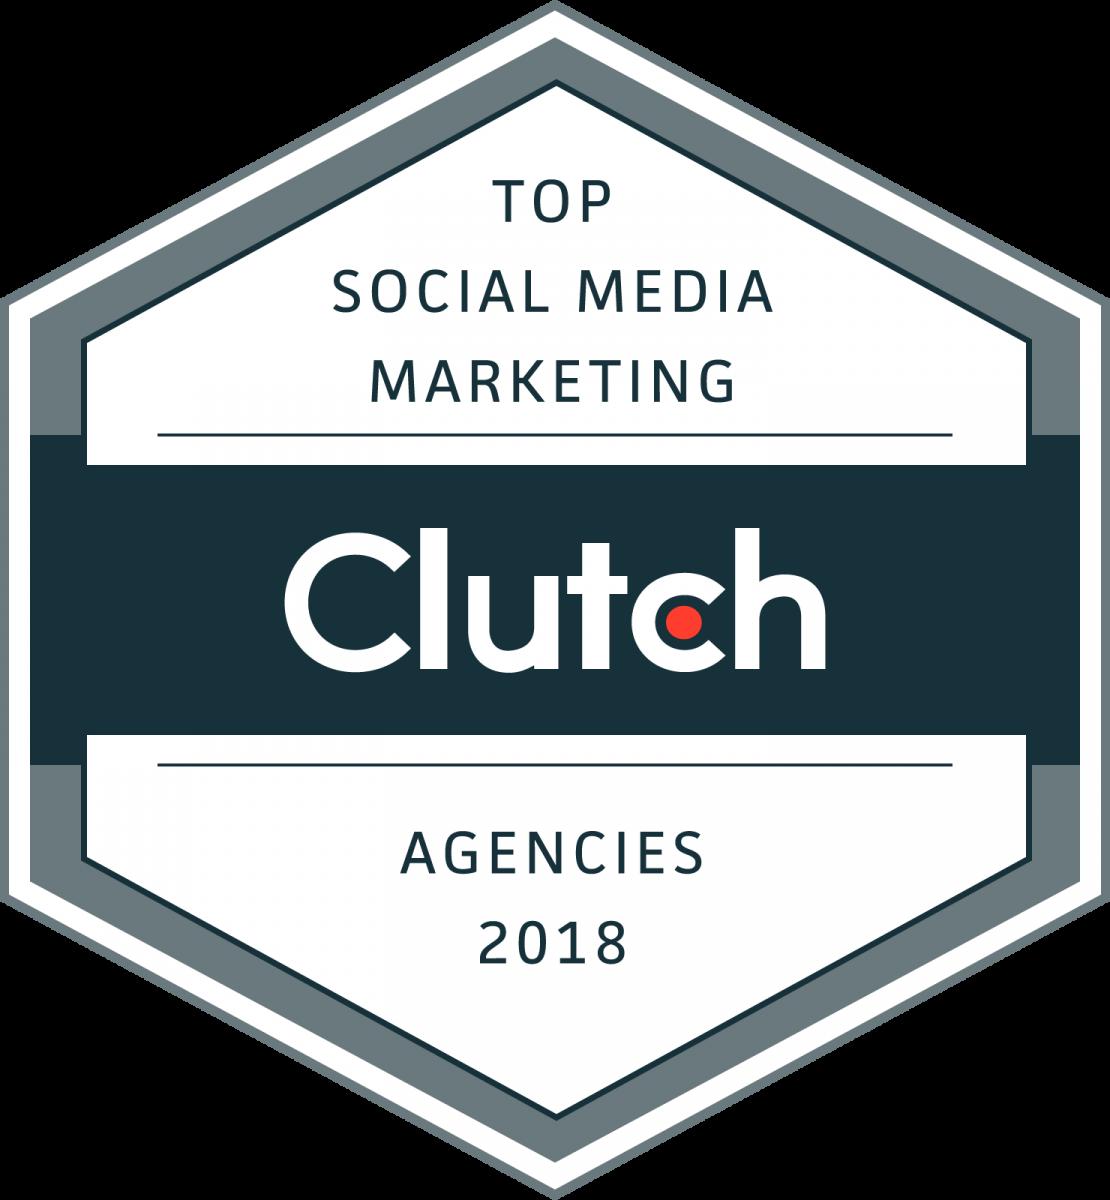 Best Social Media Marketing Agencies 2018